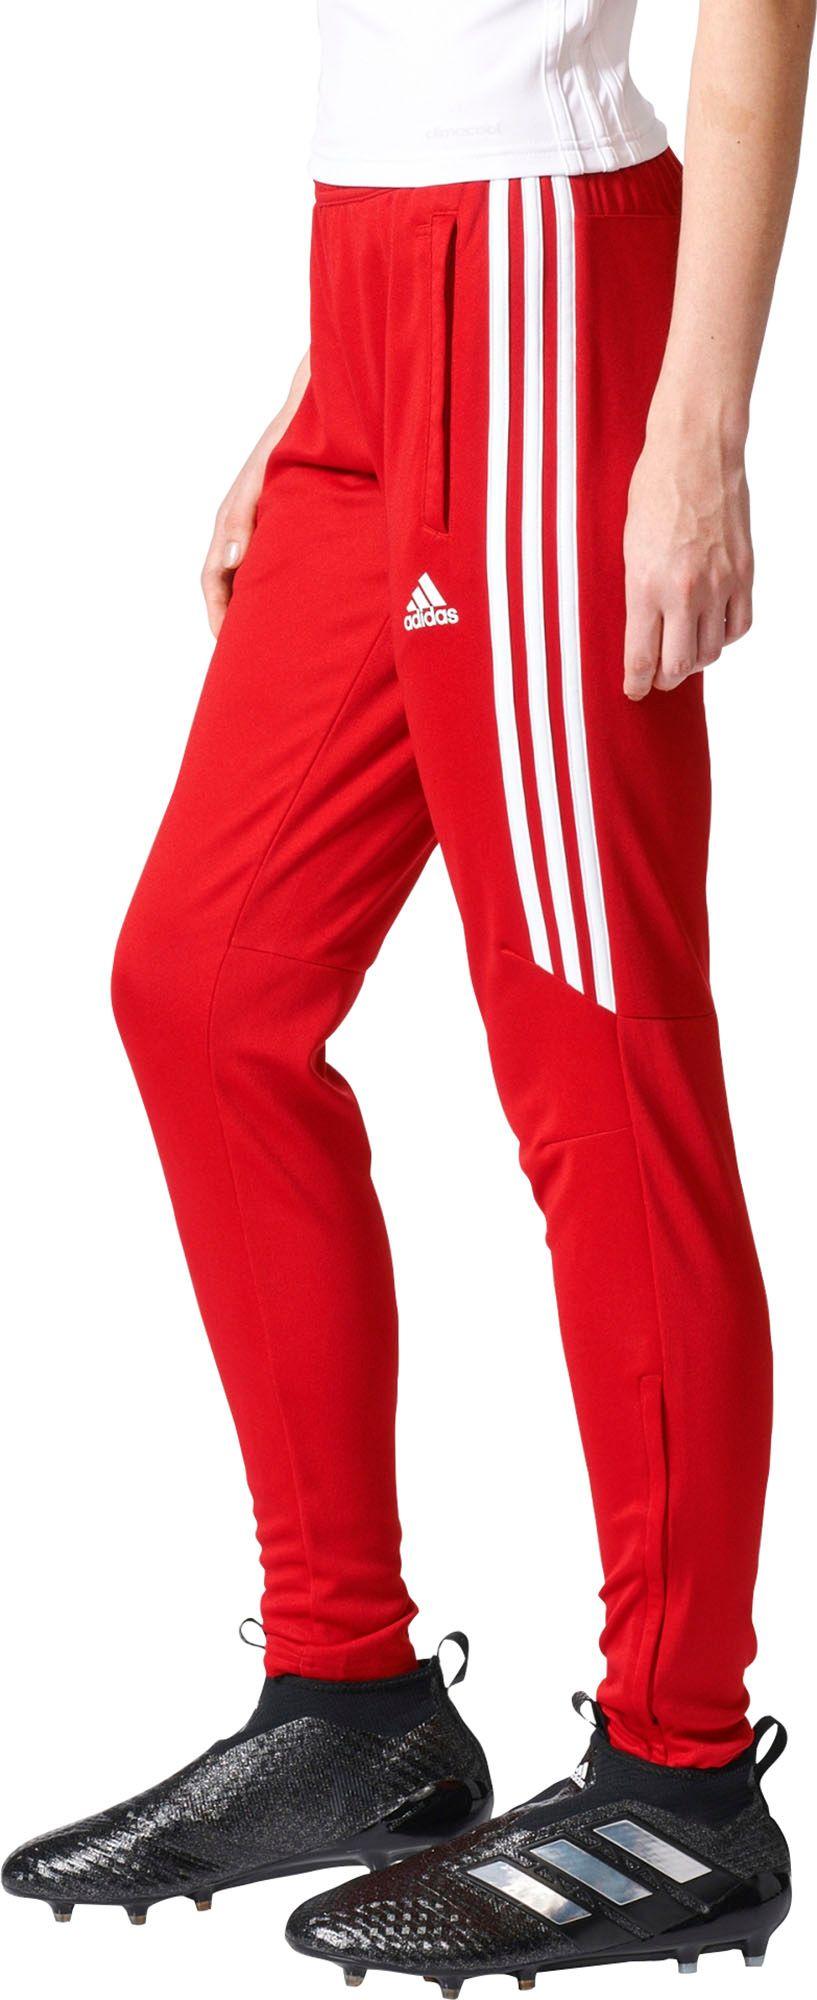 Red adidas calcio pantaloni che financial services ltd